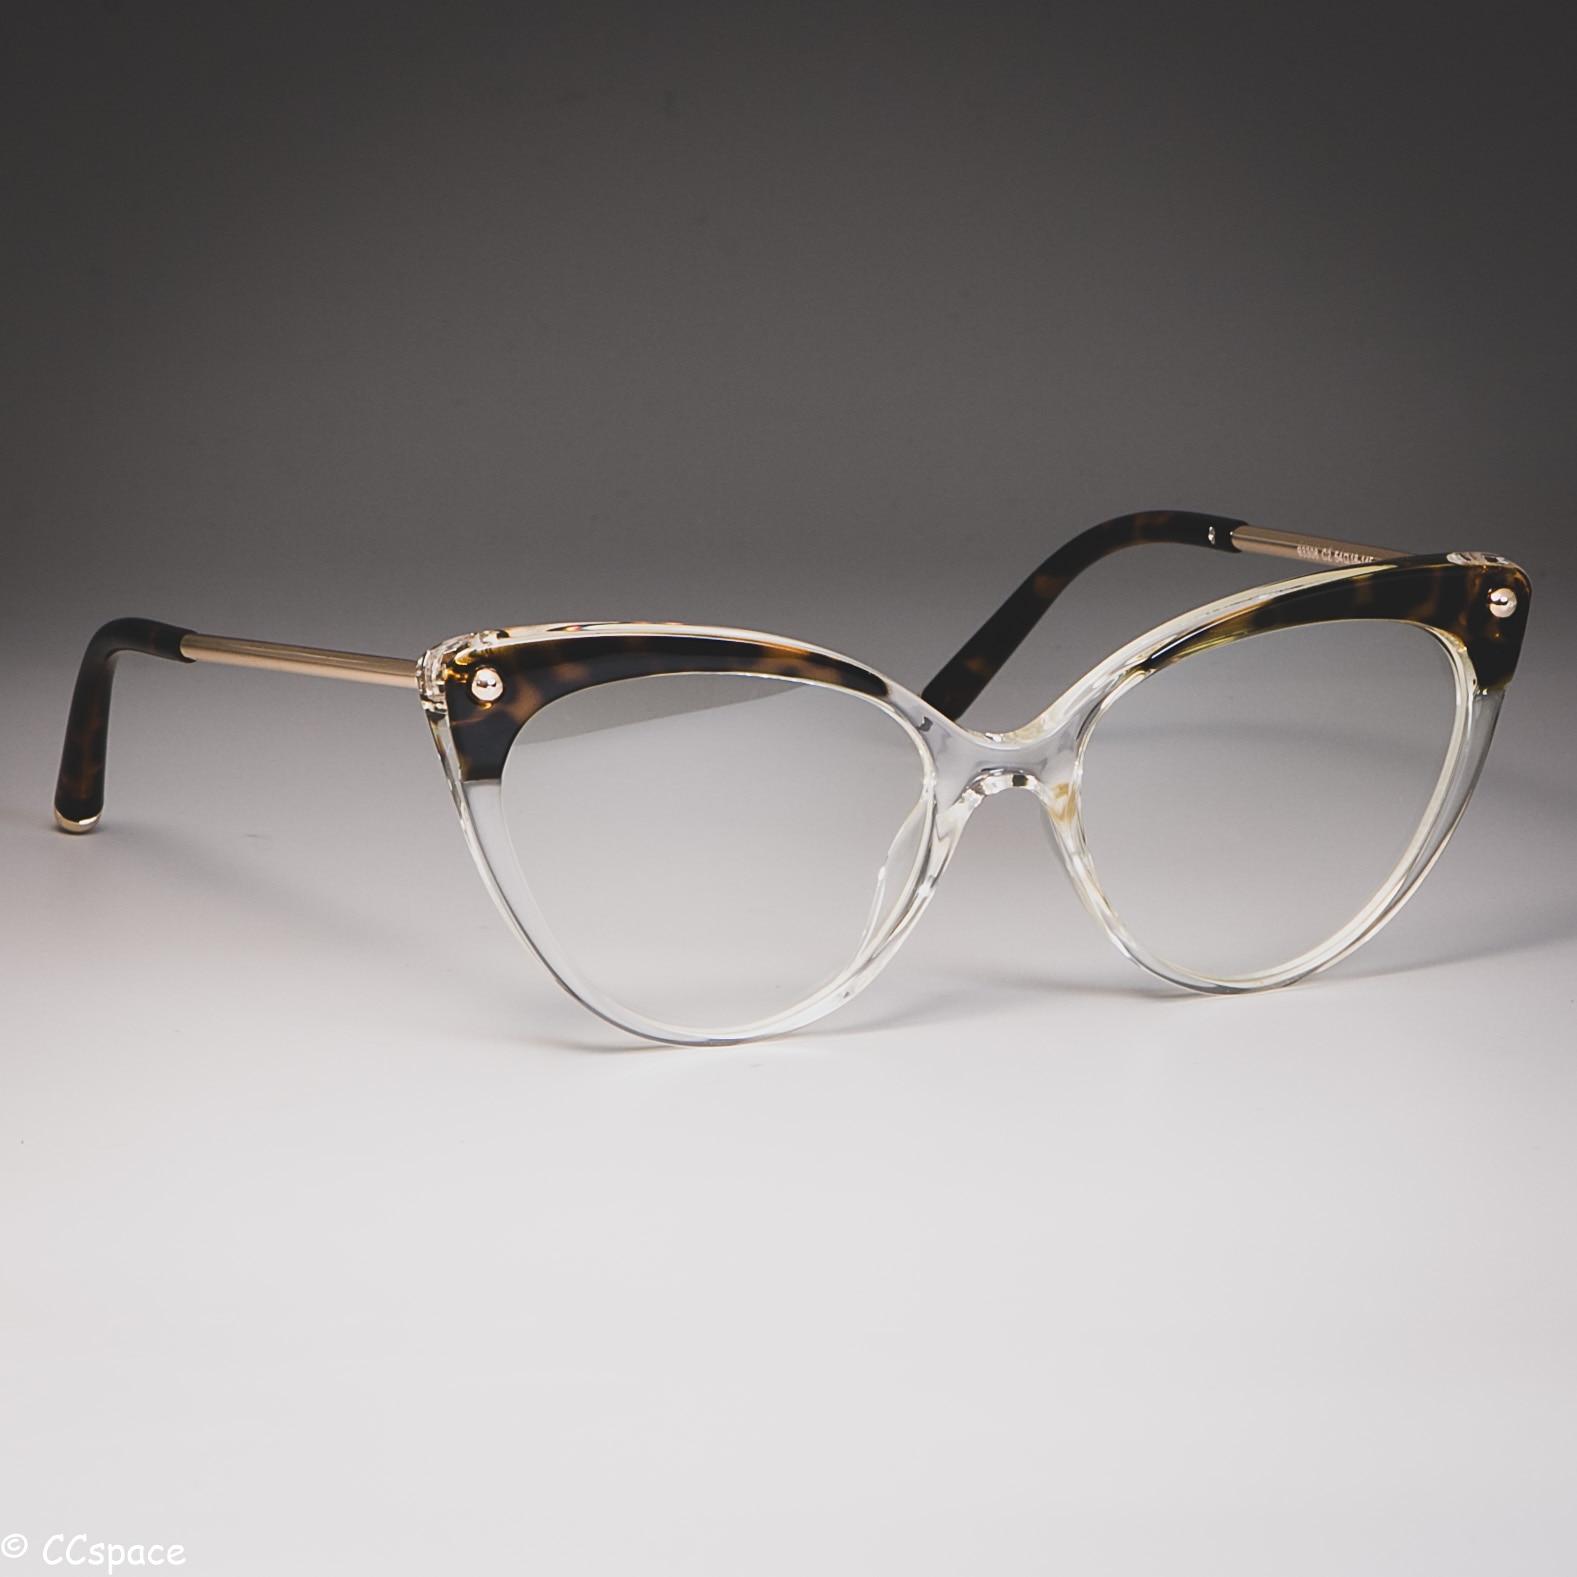 Frames Women Computer-Glasses Optical Fashion TR90 Trending 45651 Rivet-Styles